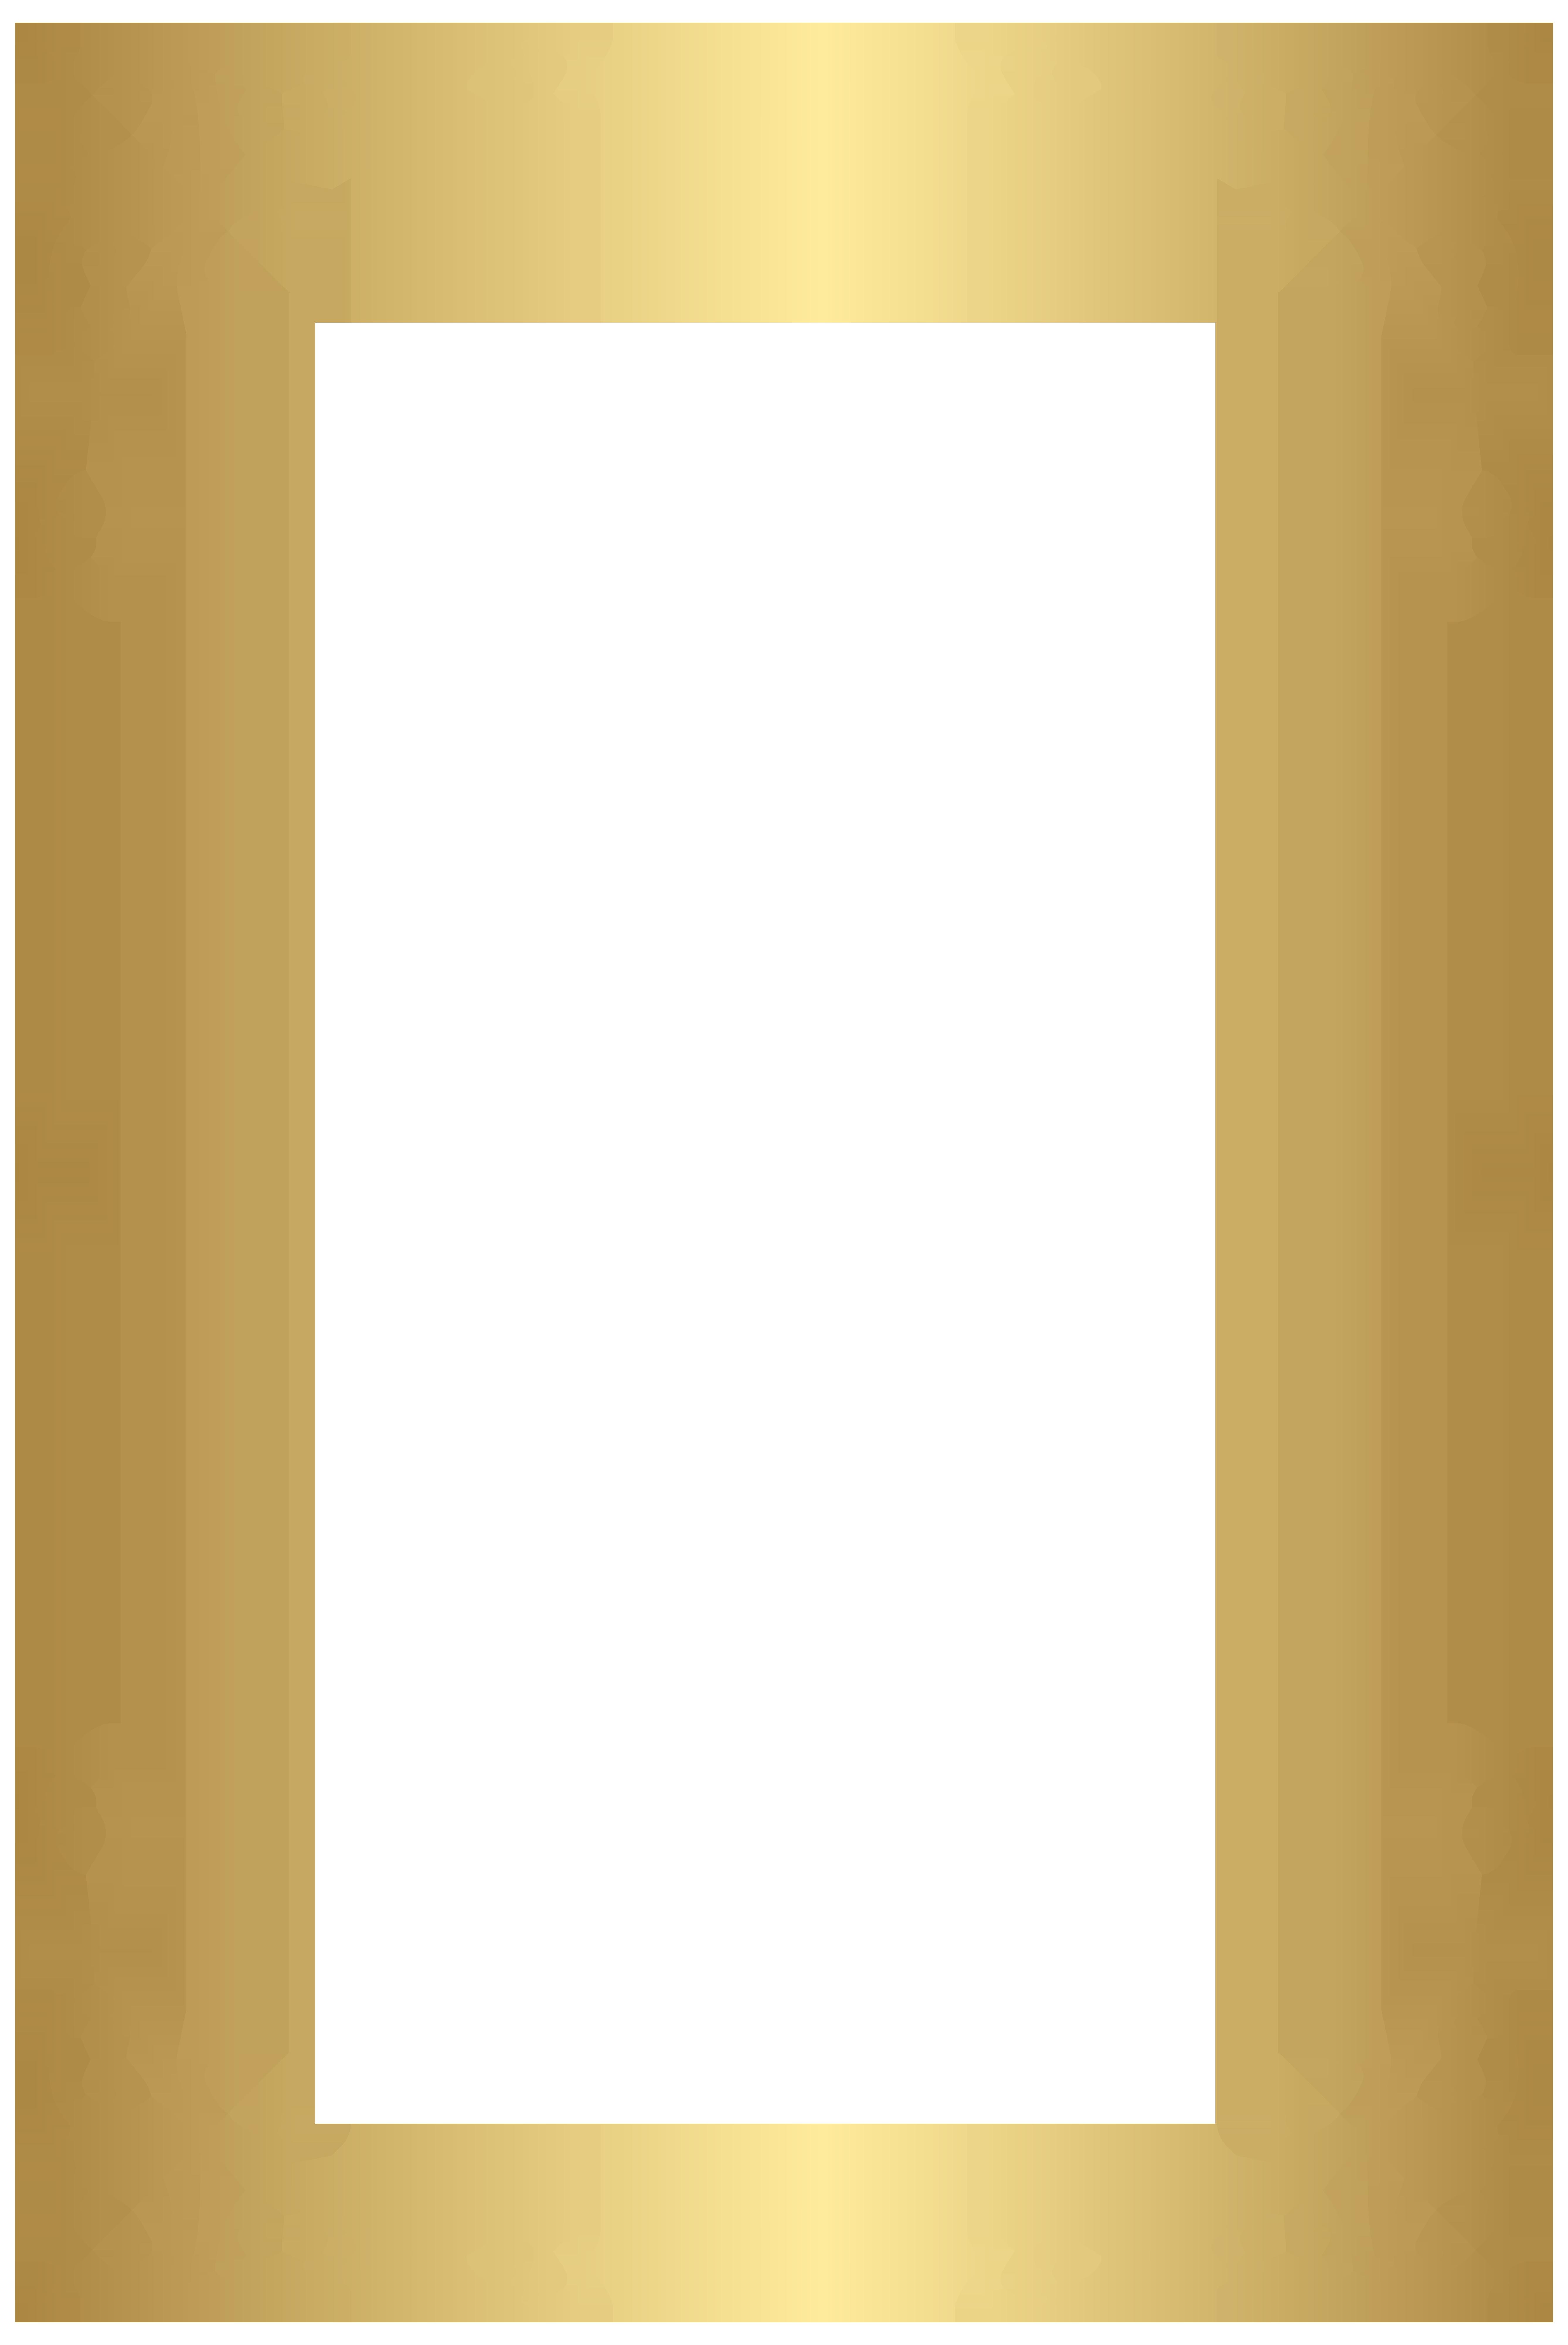 Decorative Frame Border PNG Clip Art Image.